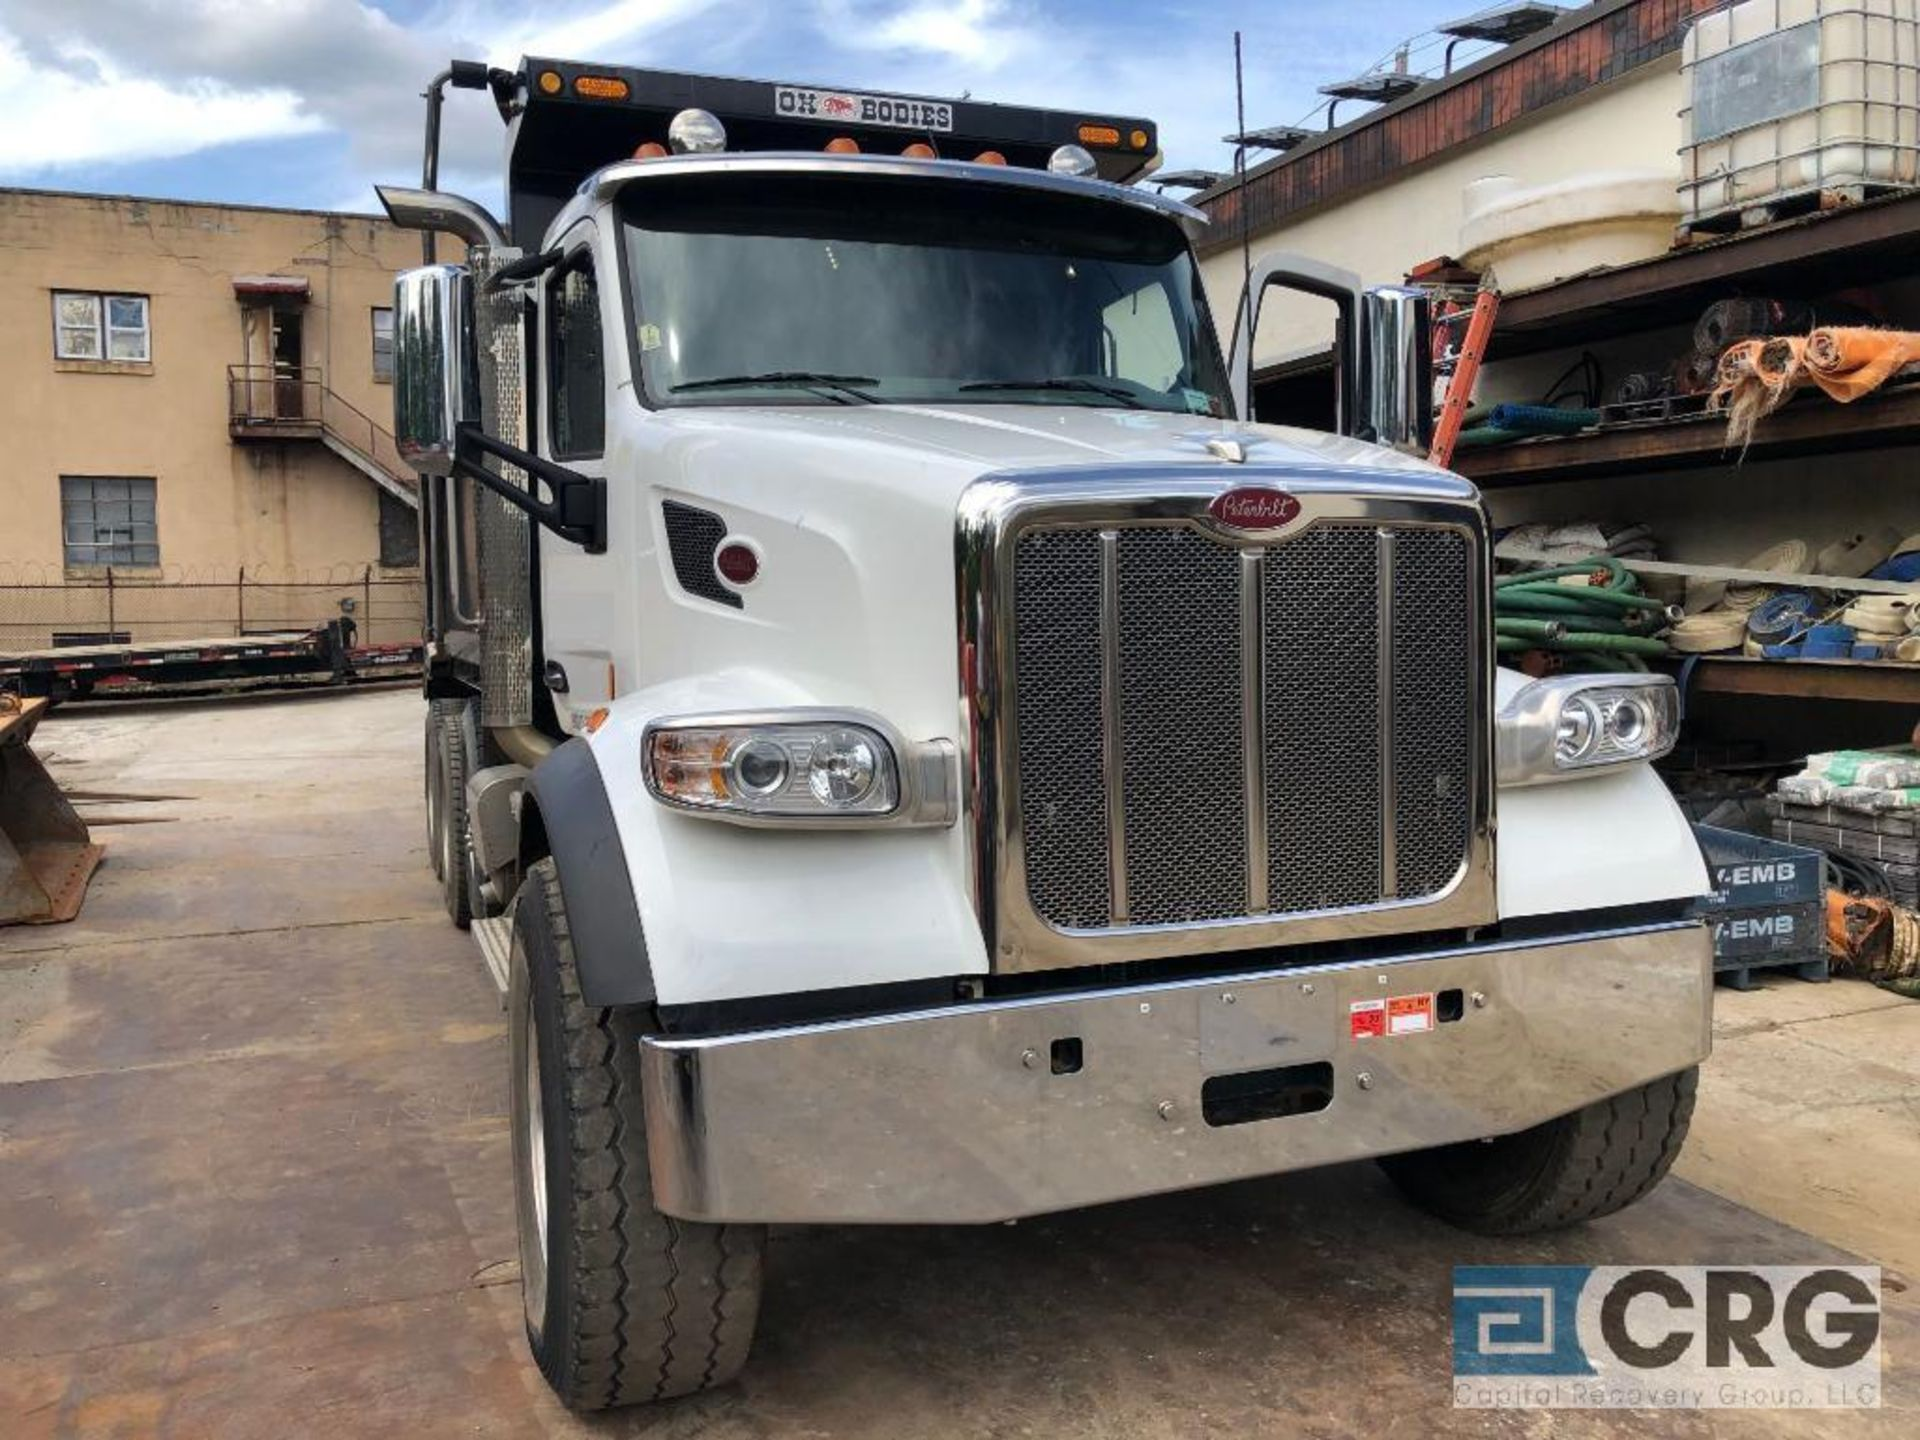 Lot 322 - 2016 Peterbuilt 567 Dump Truck, 20000 lbs Fronts, 46000 lbs Rears, 4:10 Gear Ratio, 18,000 lb